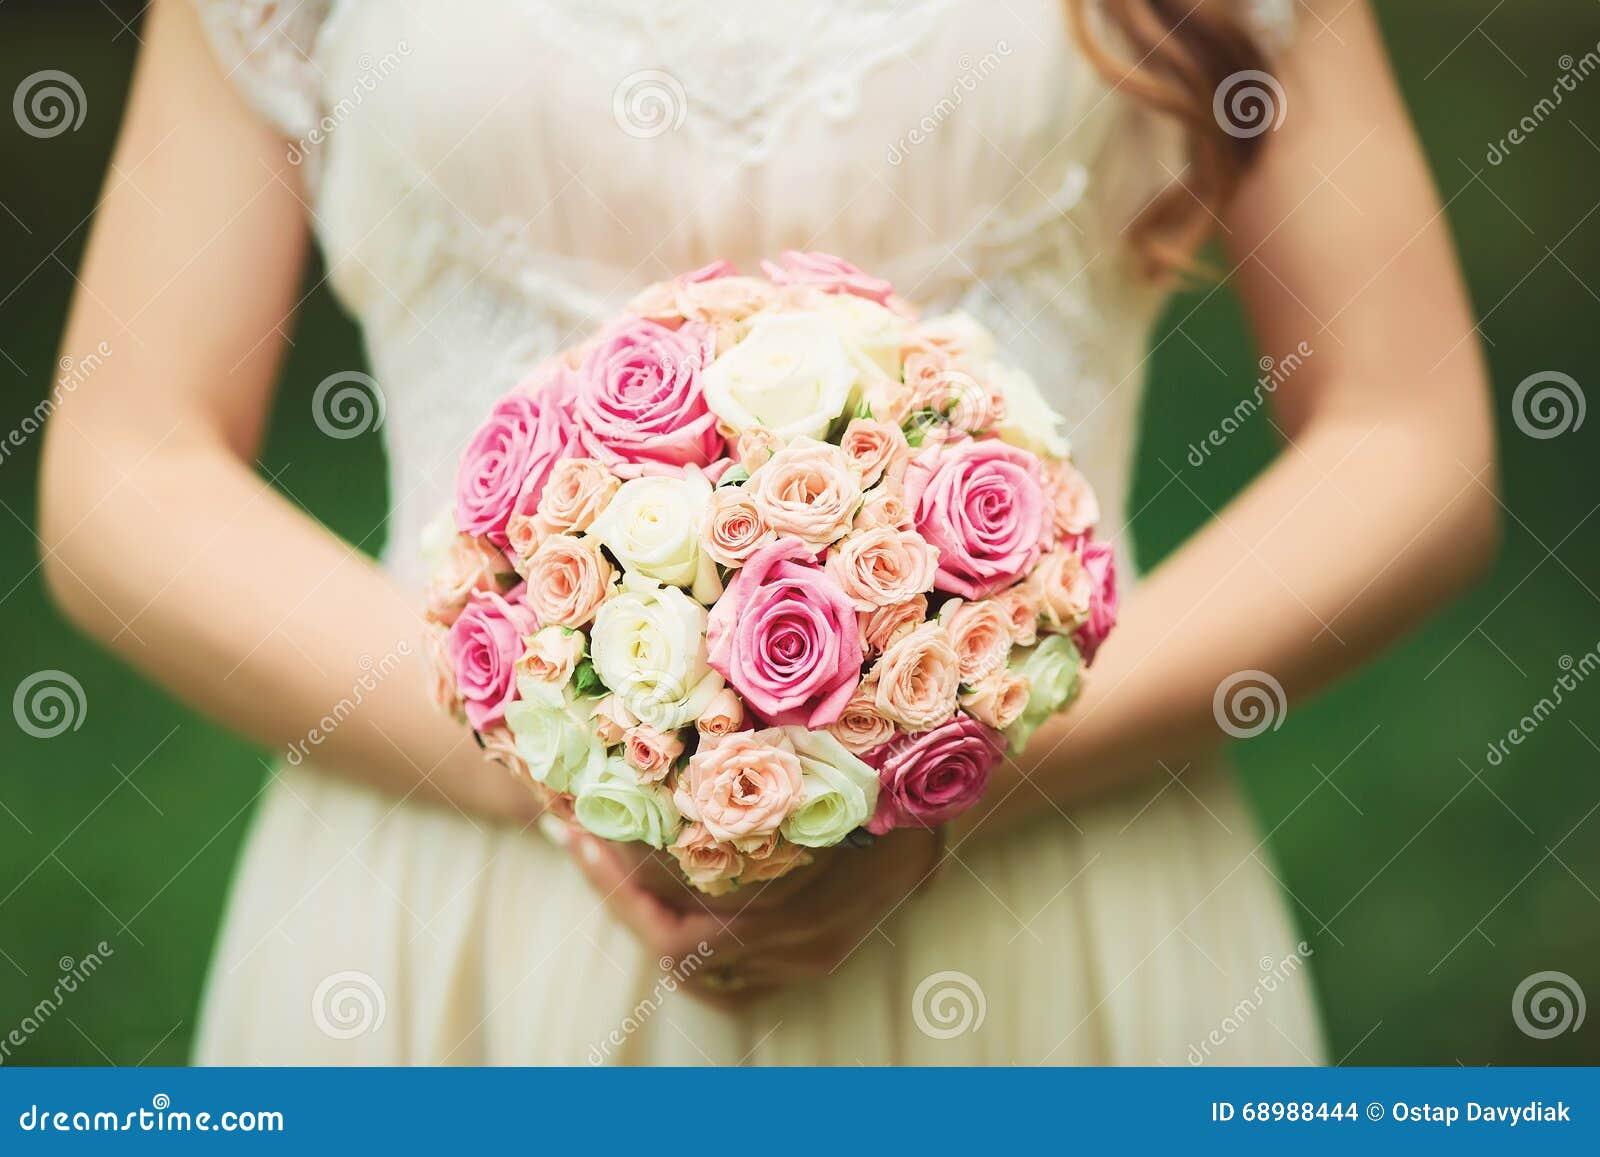 Piękny ślubny bukiet w rękach panna młoda